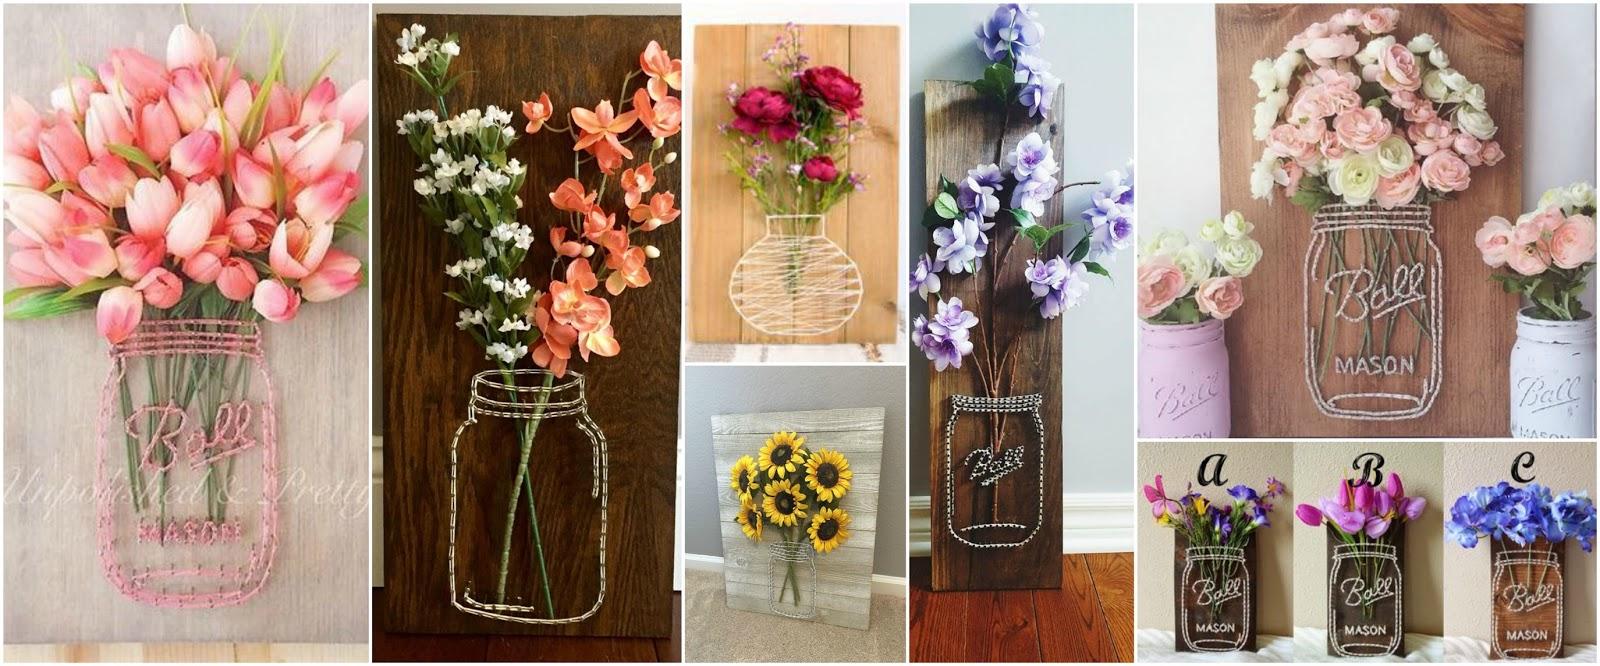 17 adornos bonitos para el hogar f ciles de hacer for Adornos de decoracion para el hogar